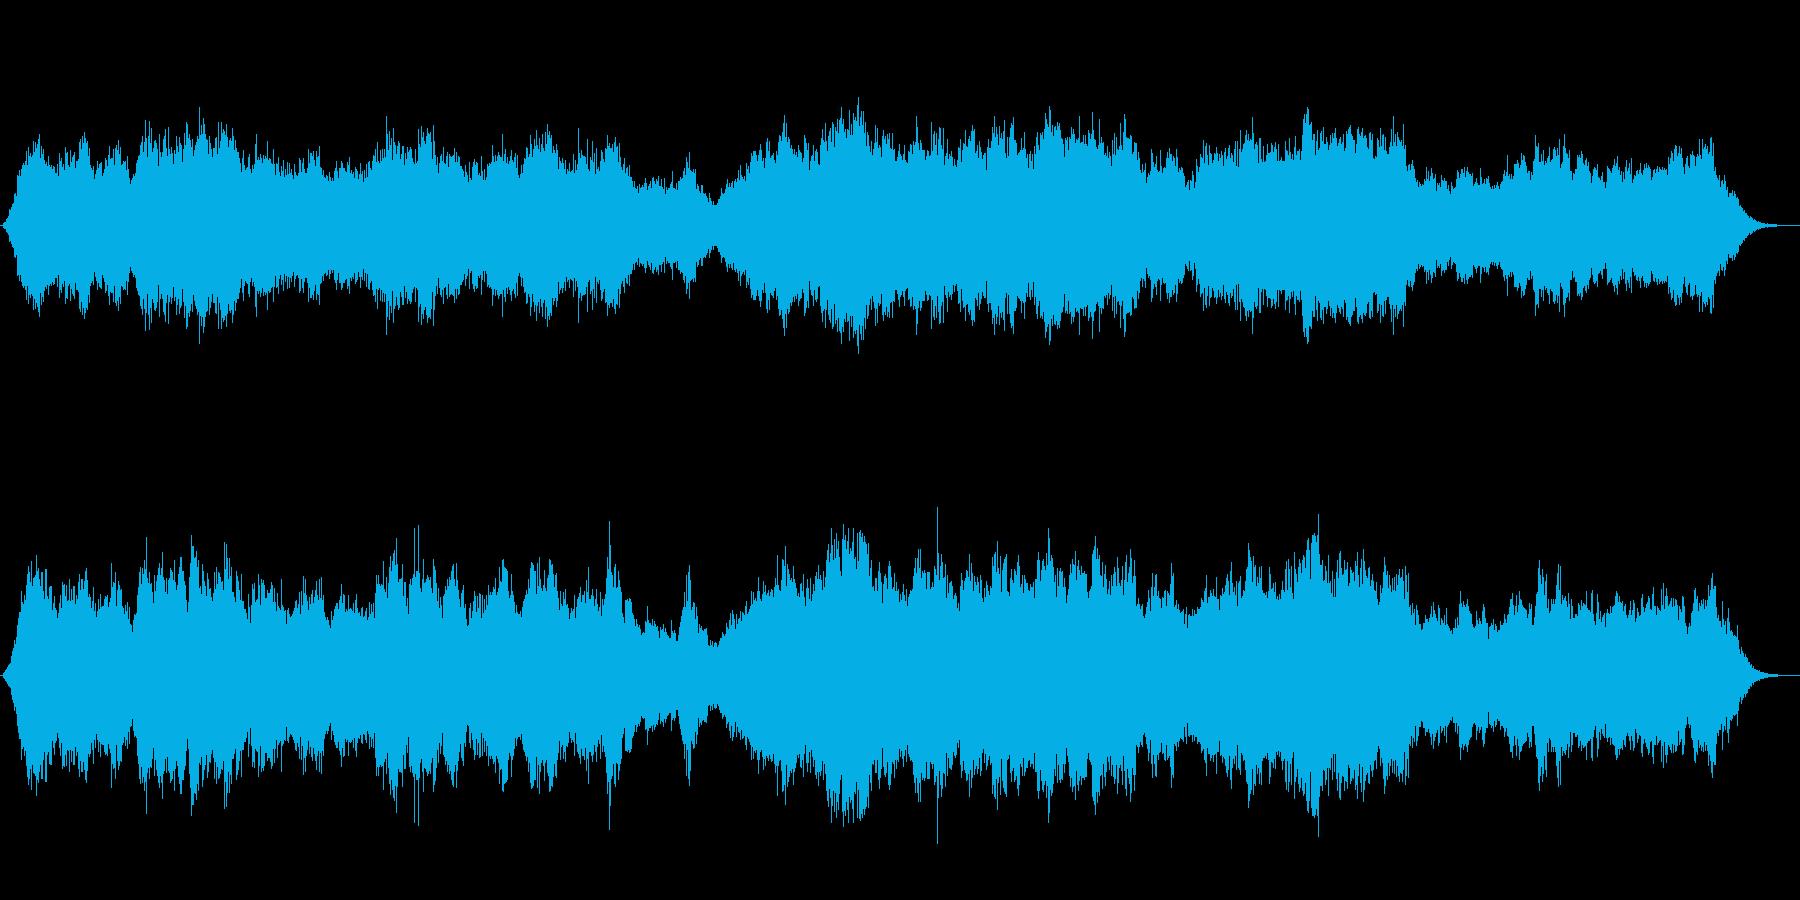 宇宙を感じる神秘的な音色の再生済みの波形